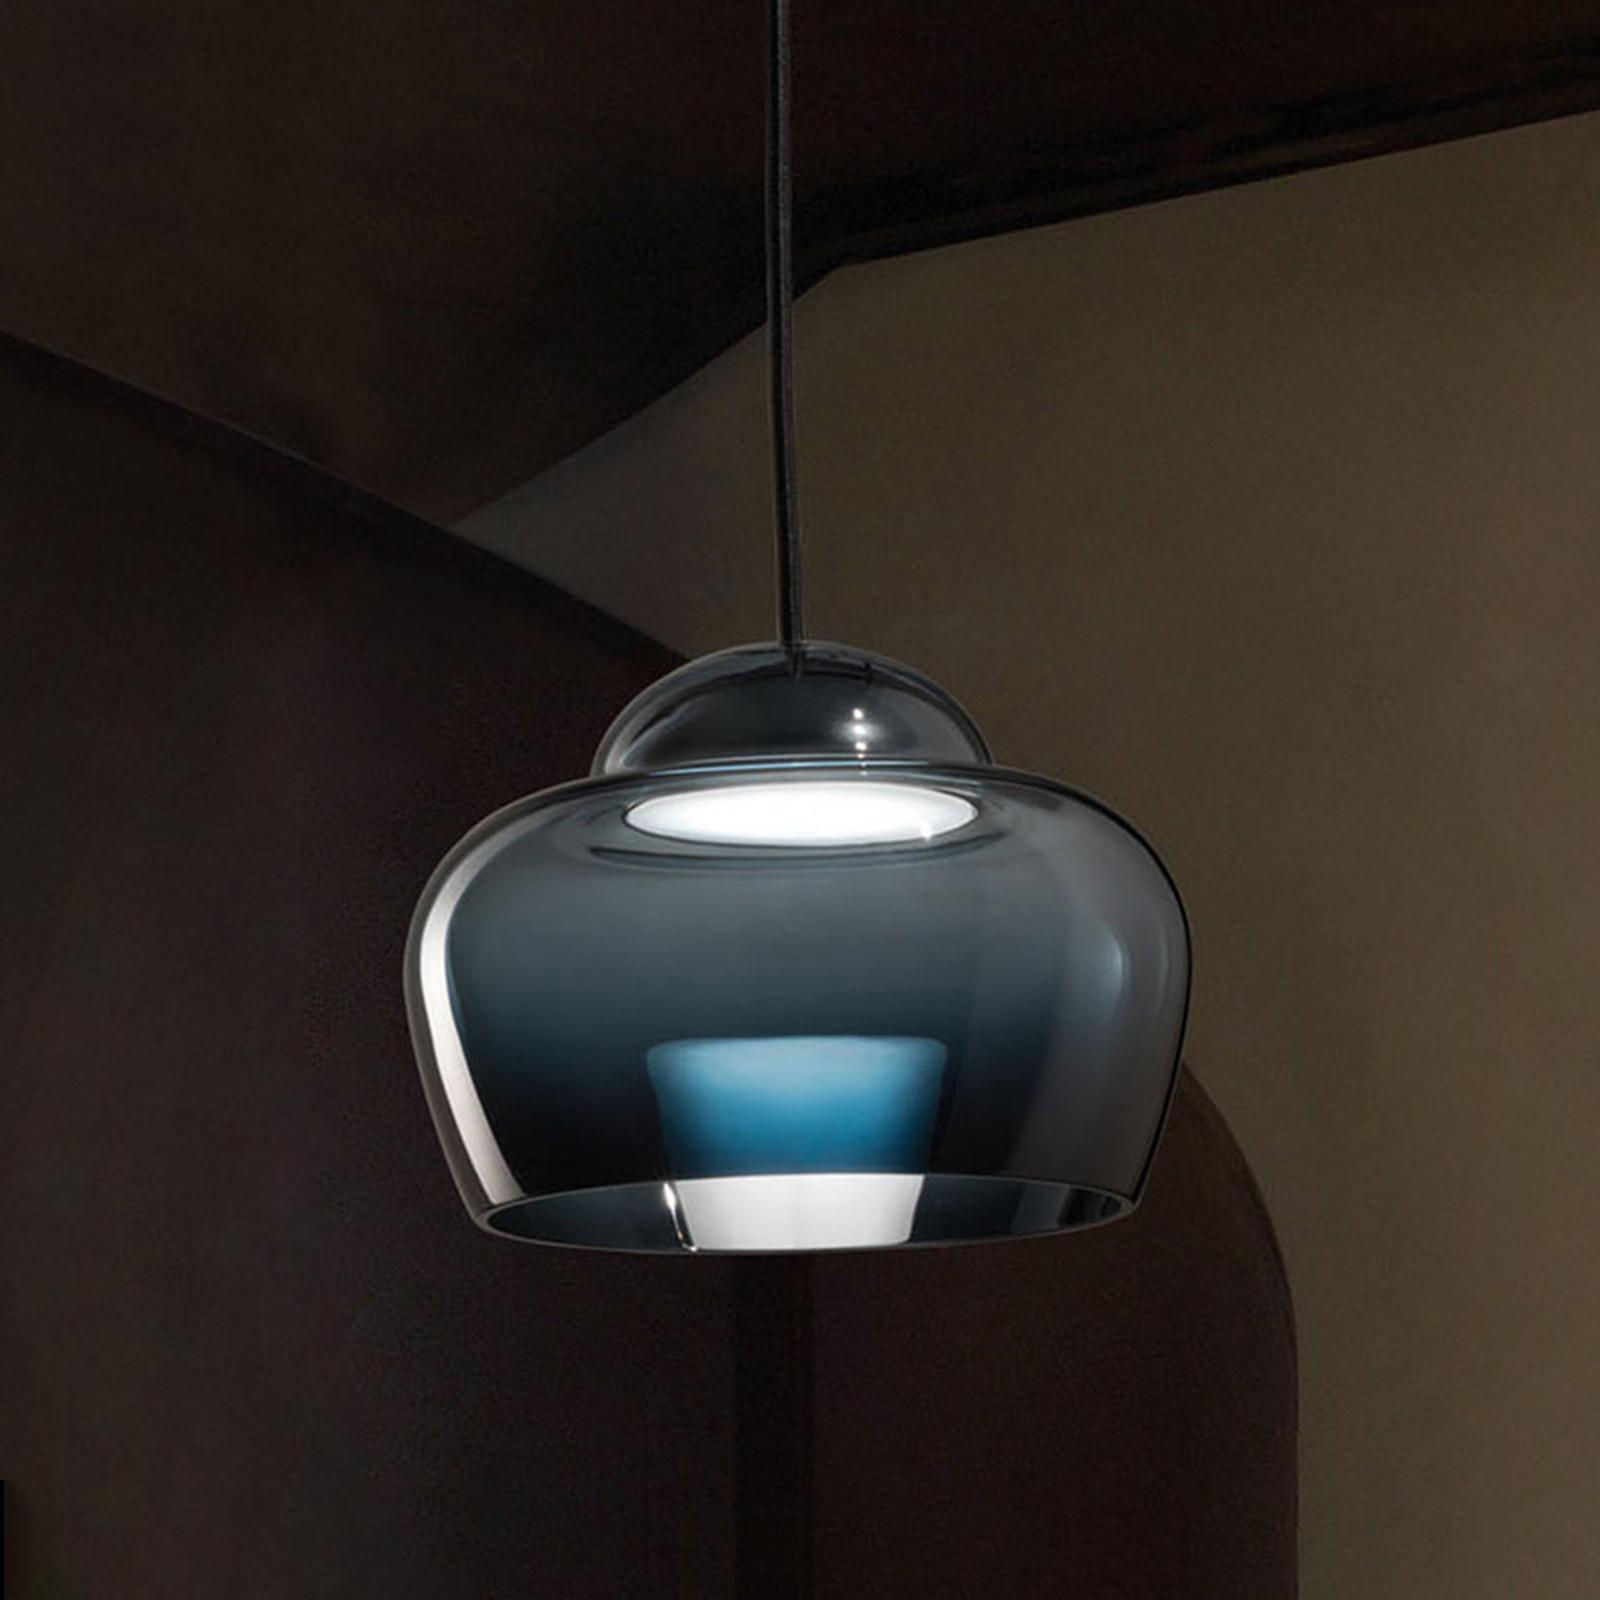 LED-Hängeleuchte Cristallina schwarz